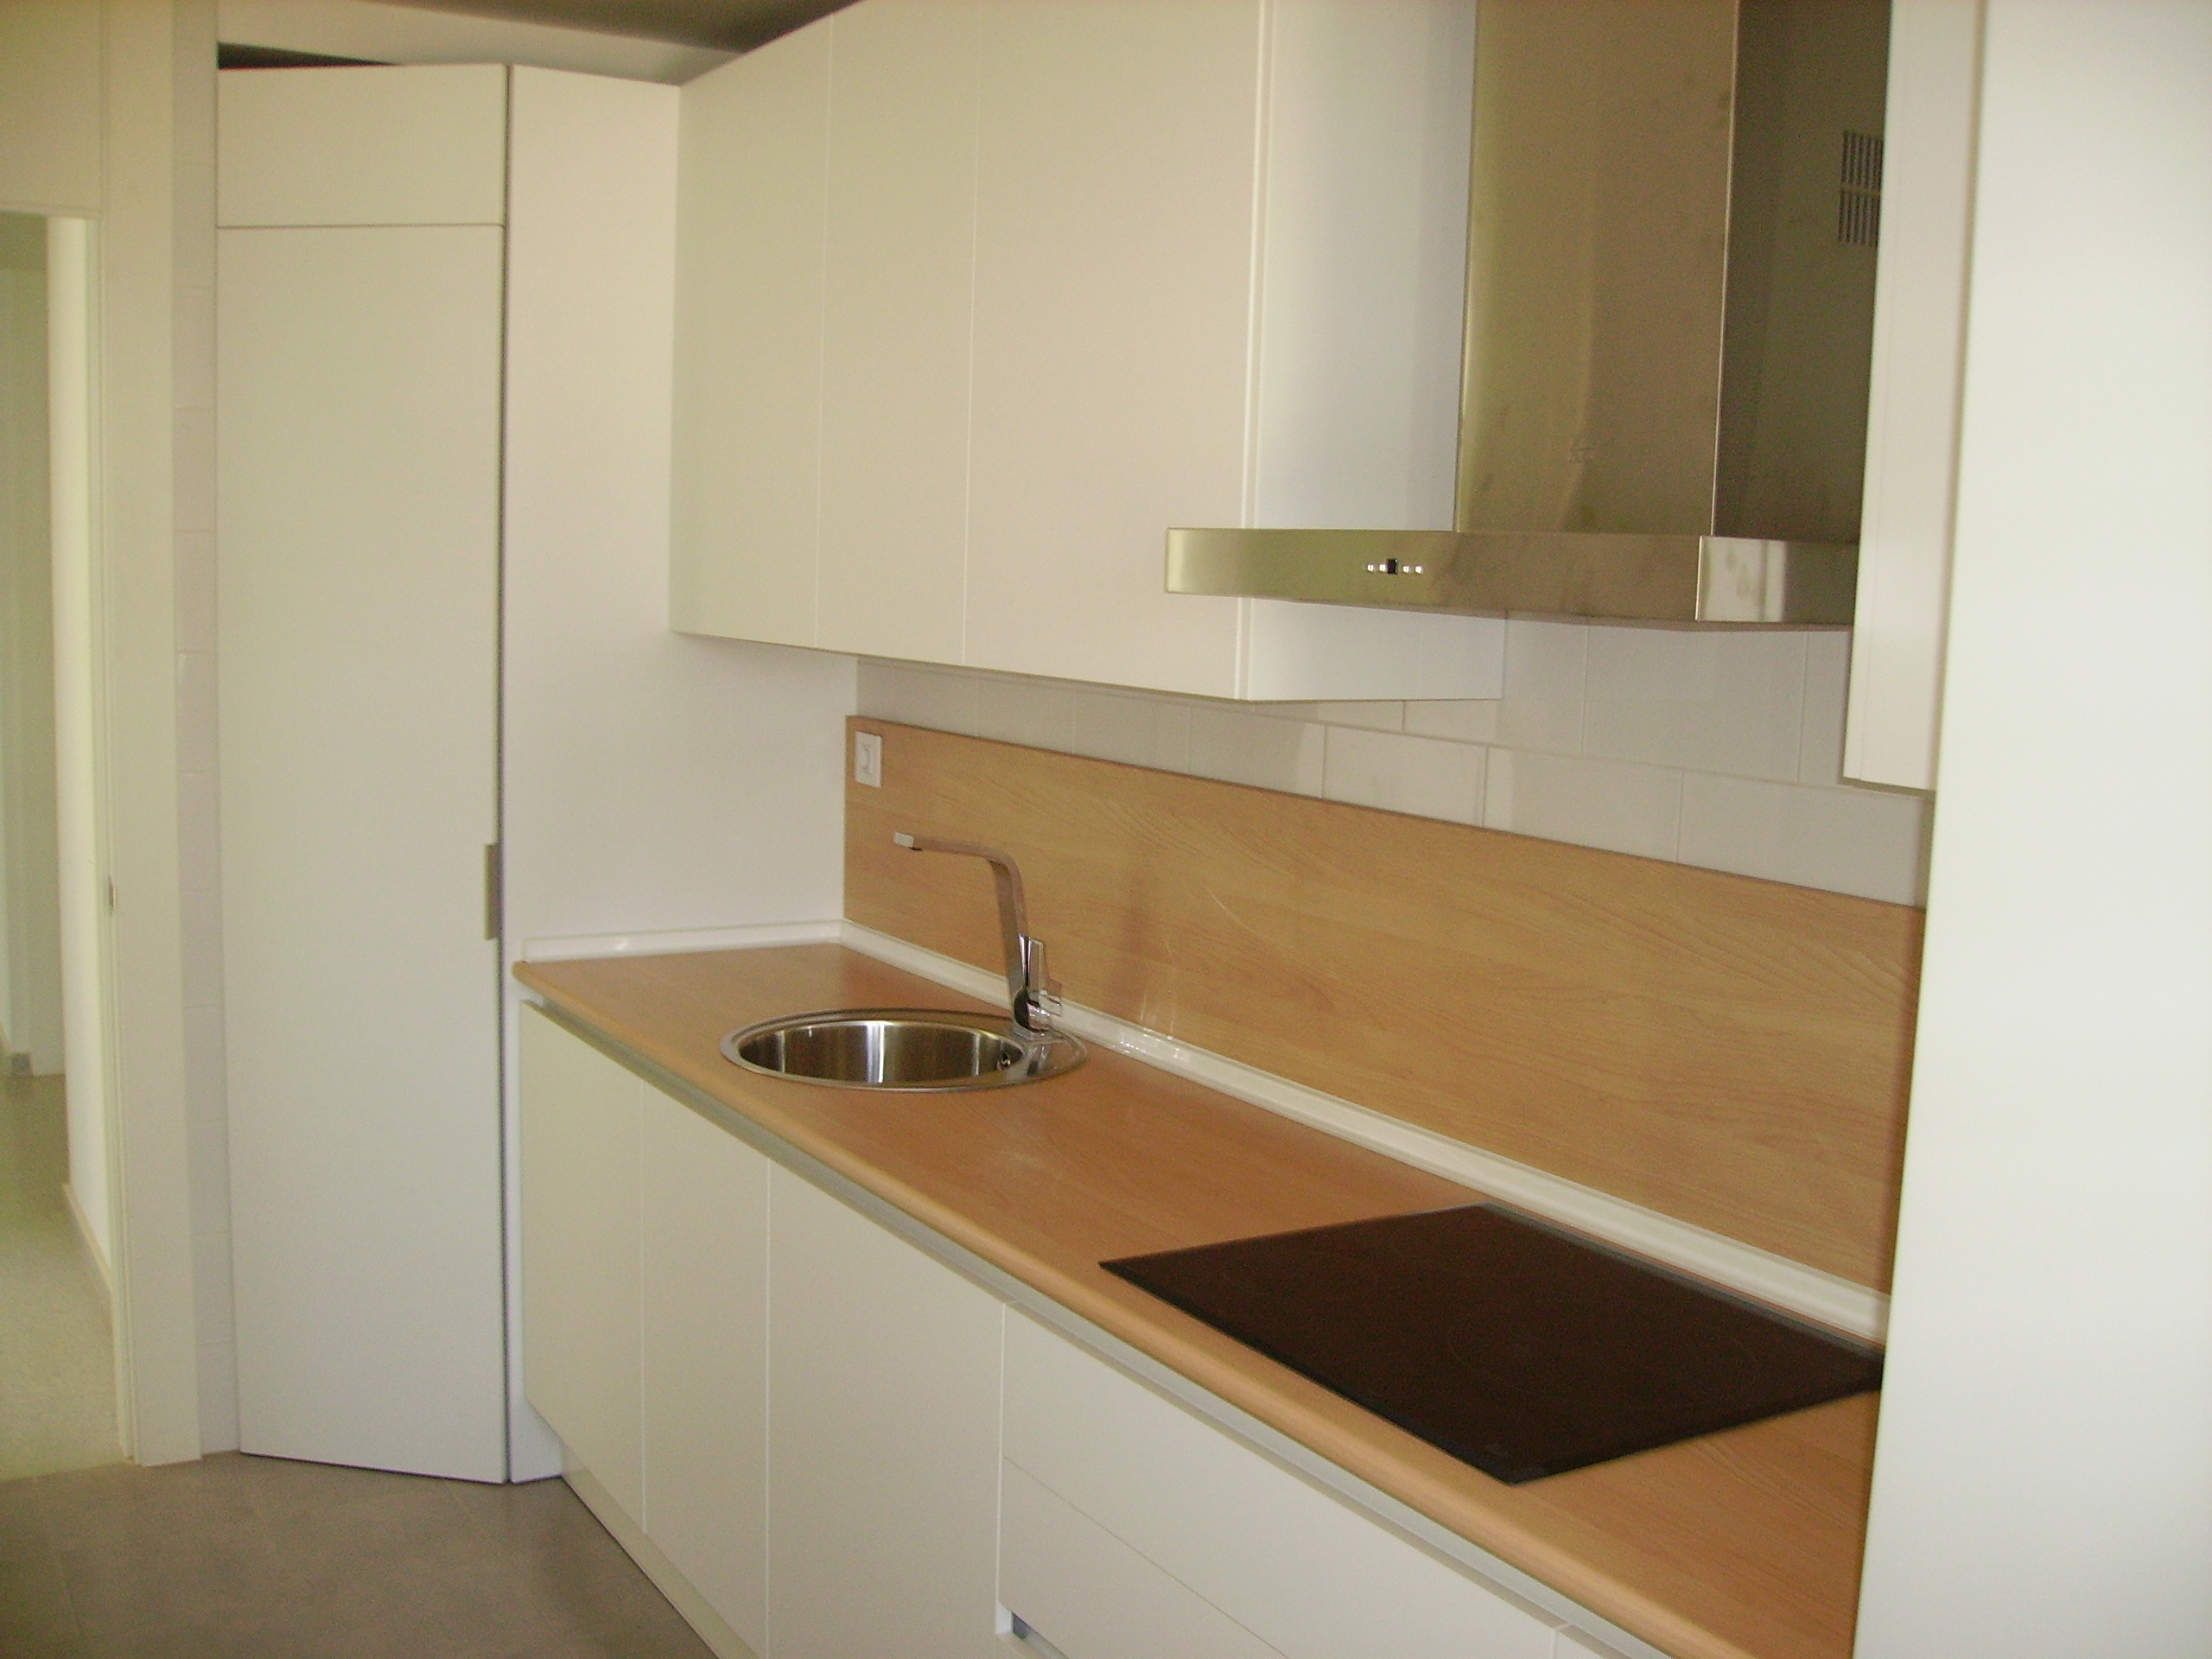 Nuestras cocinas selecci n cocinas tienda de cocinas for Muebles de cocina para montar